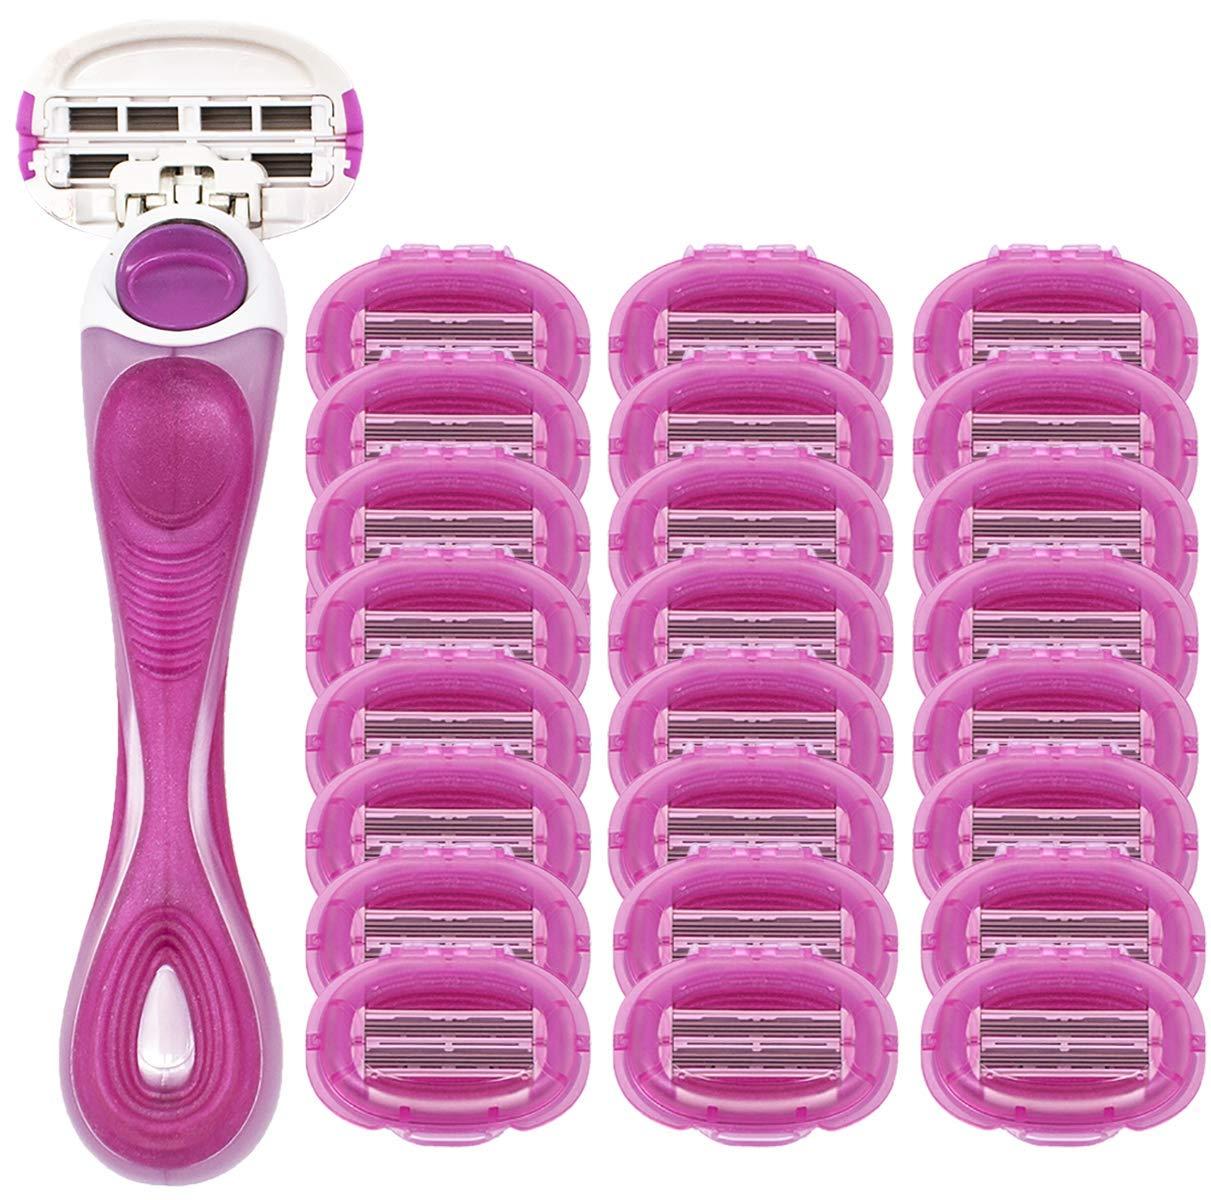 Shave Mob: The Perfectionist w/Flex Head - Women's 6 Blade Shaving Razor - 24 Razor Head Pack - Nonslip Handle - Precision-Cut Blades - Lubrication Strip: Aloe, Vitamin E, Lavender Oil by  Shavemob